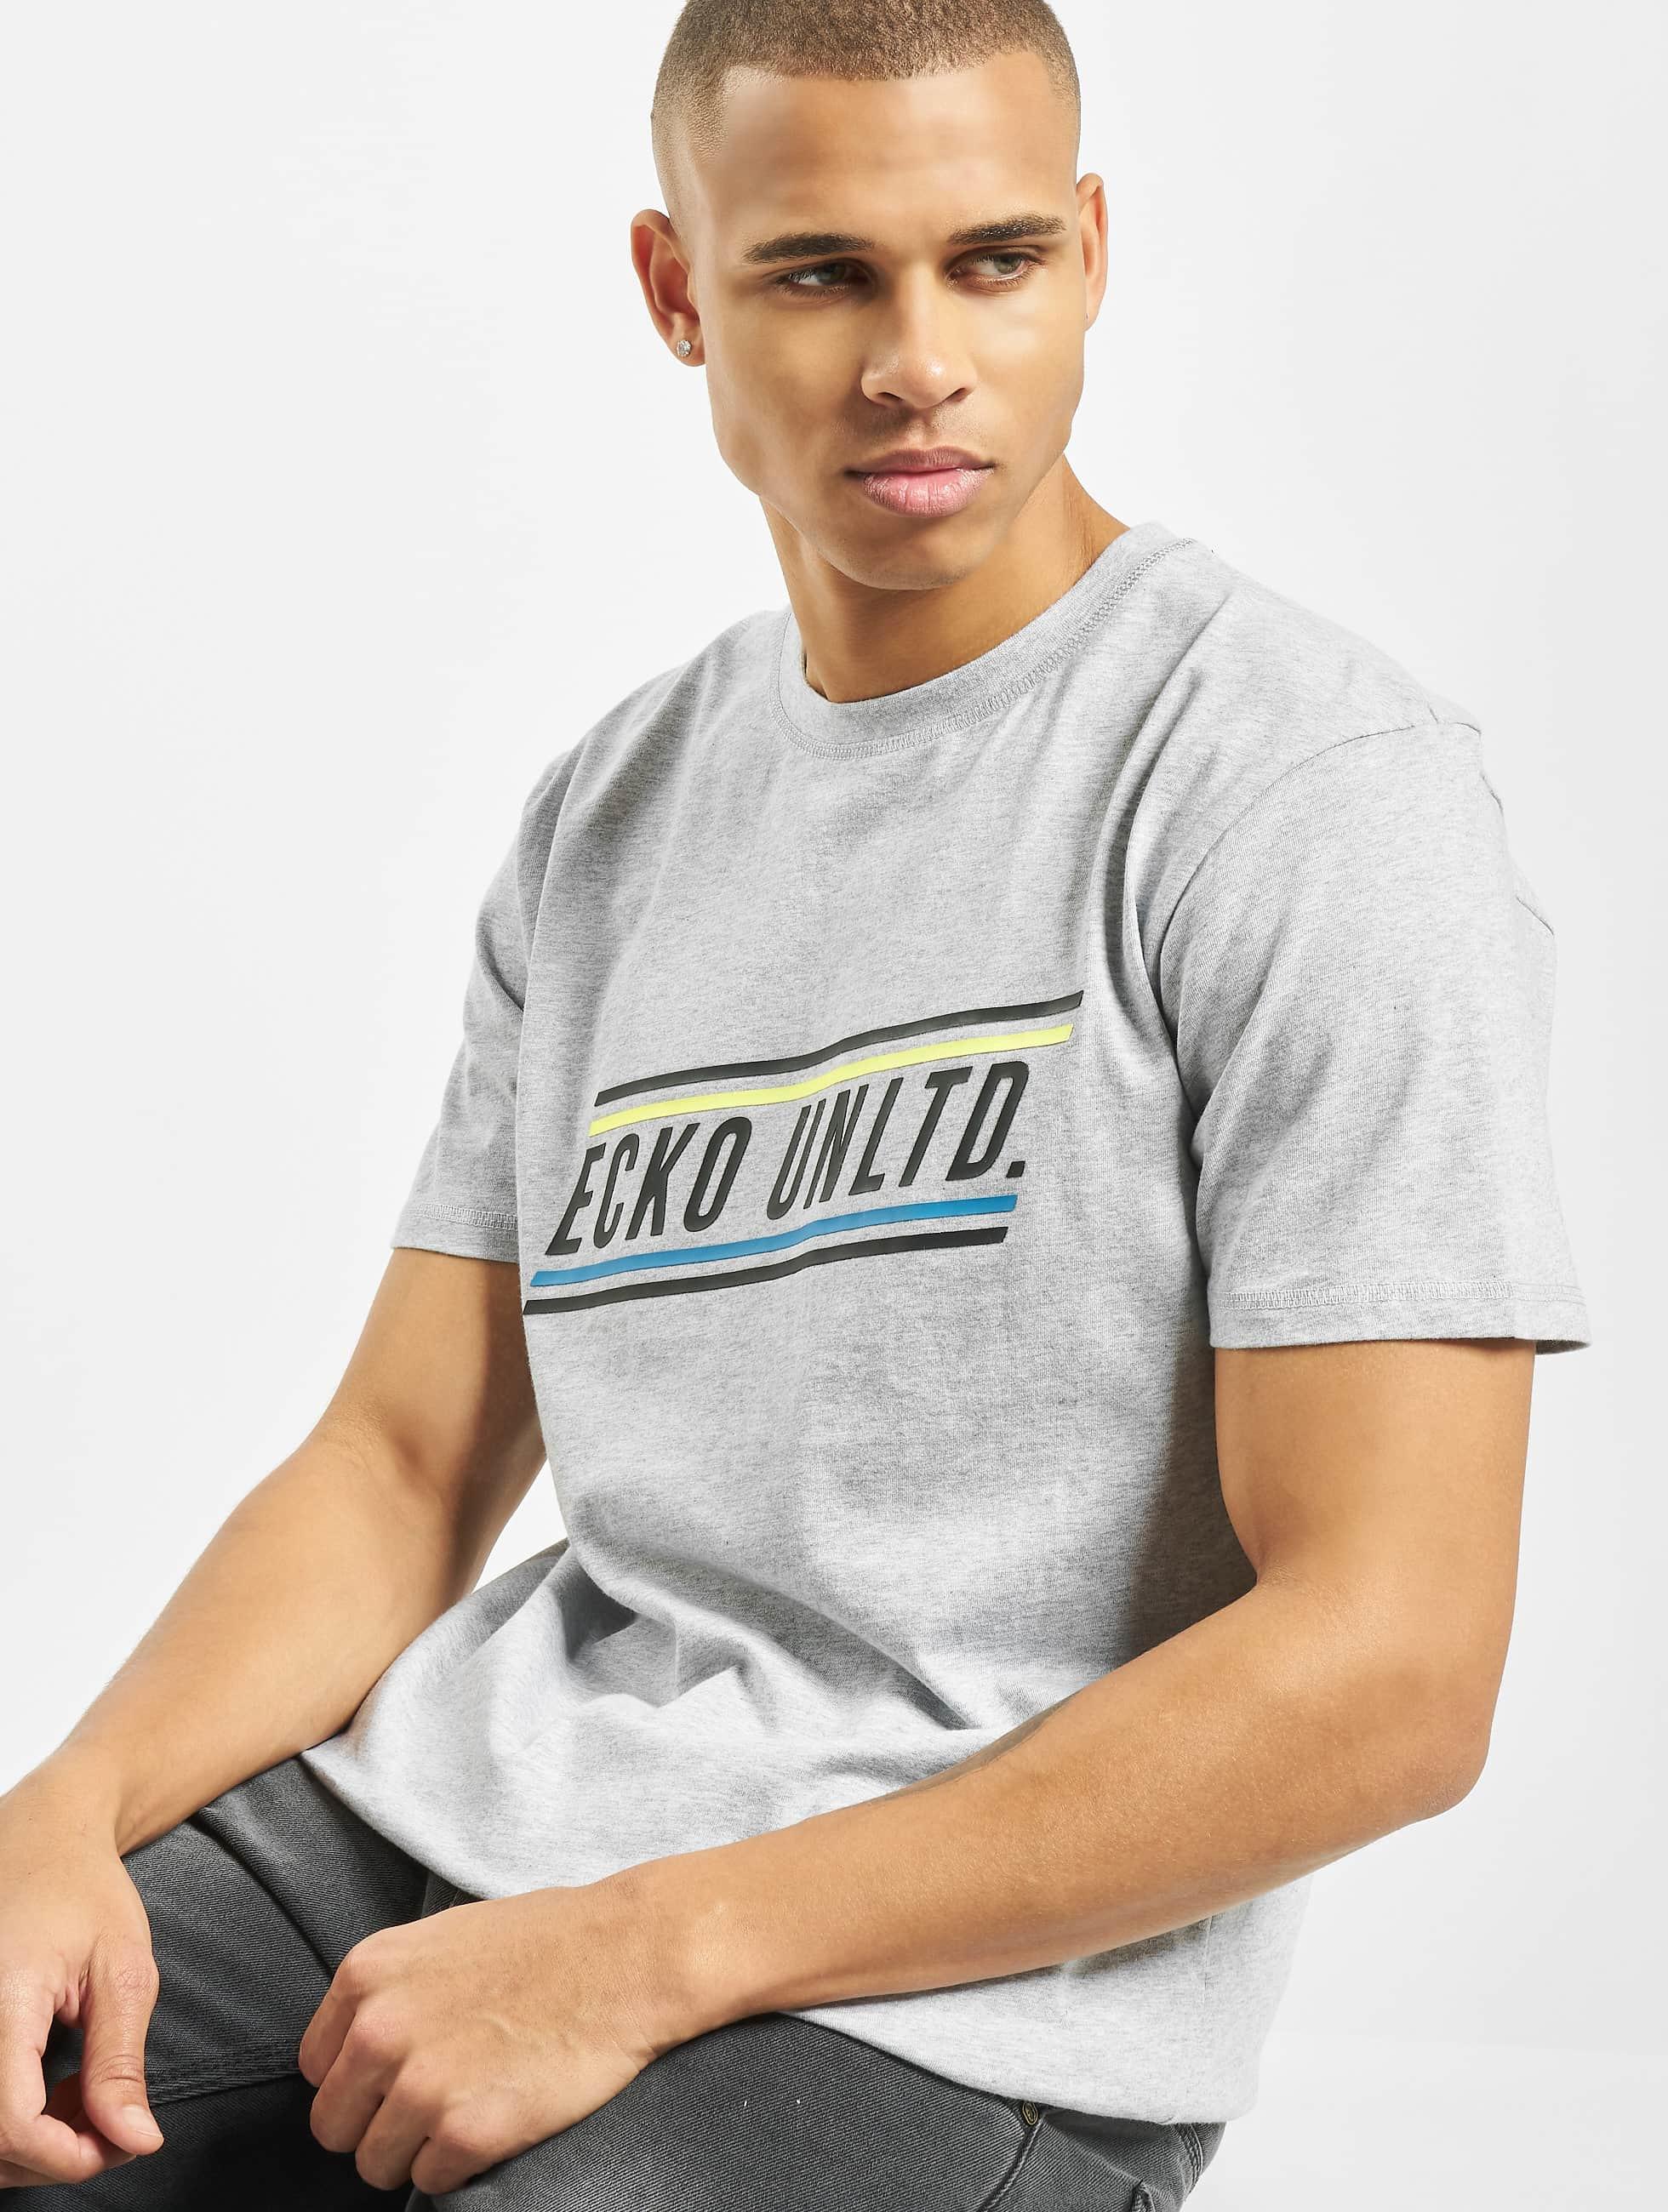 Ecko Unltd. / T-Shirt Carlton in grey XL